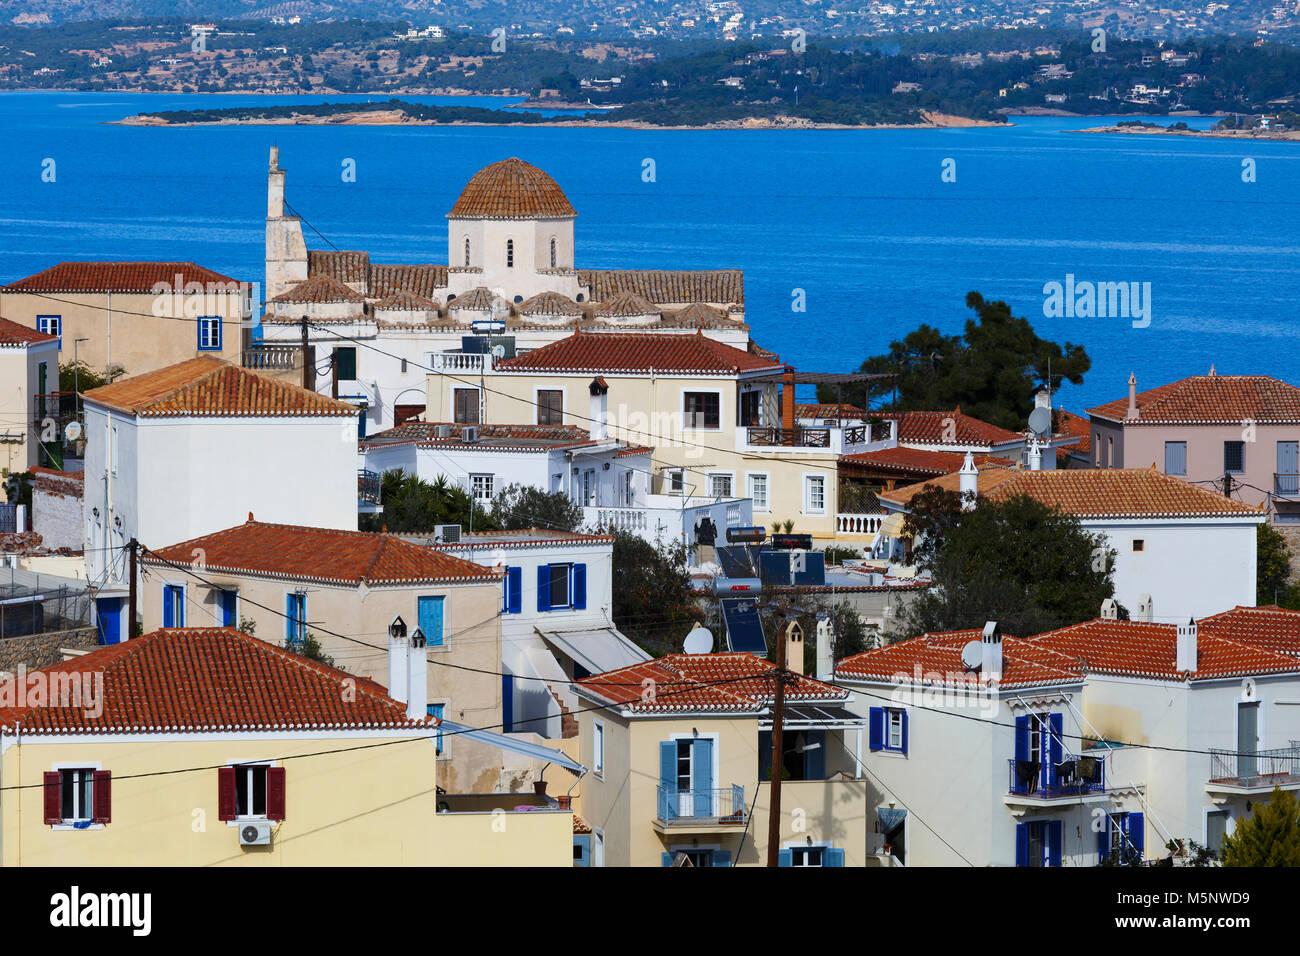 Eine der größten Kirchen in Spetses Village, Griechenland. Stockbild